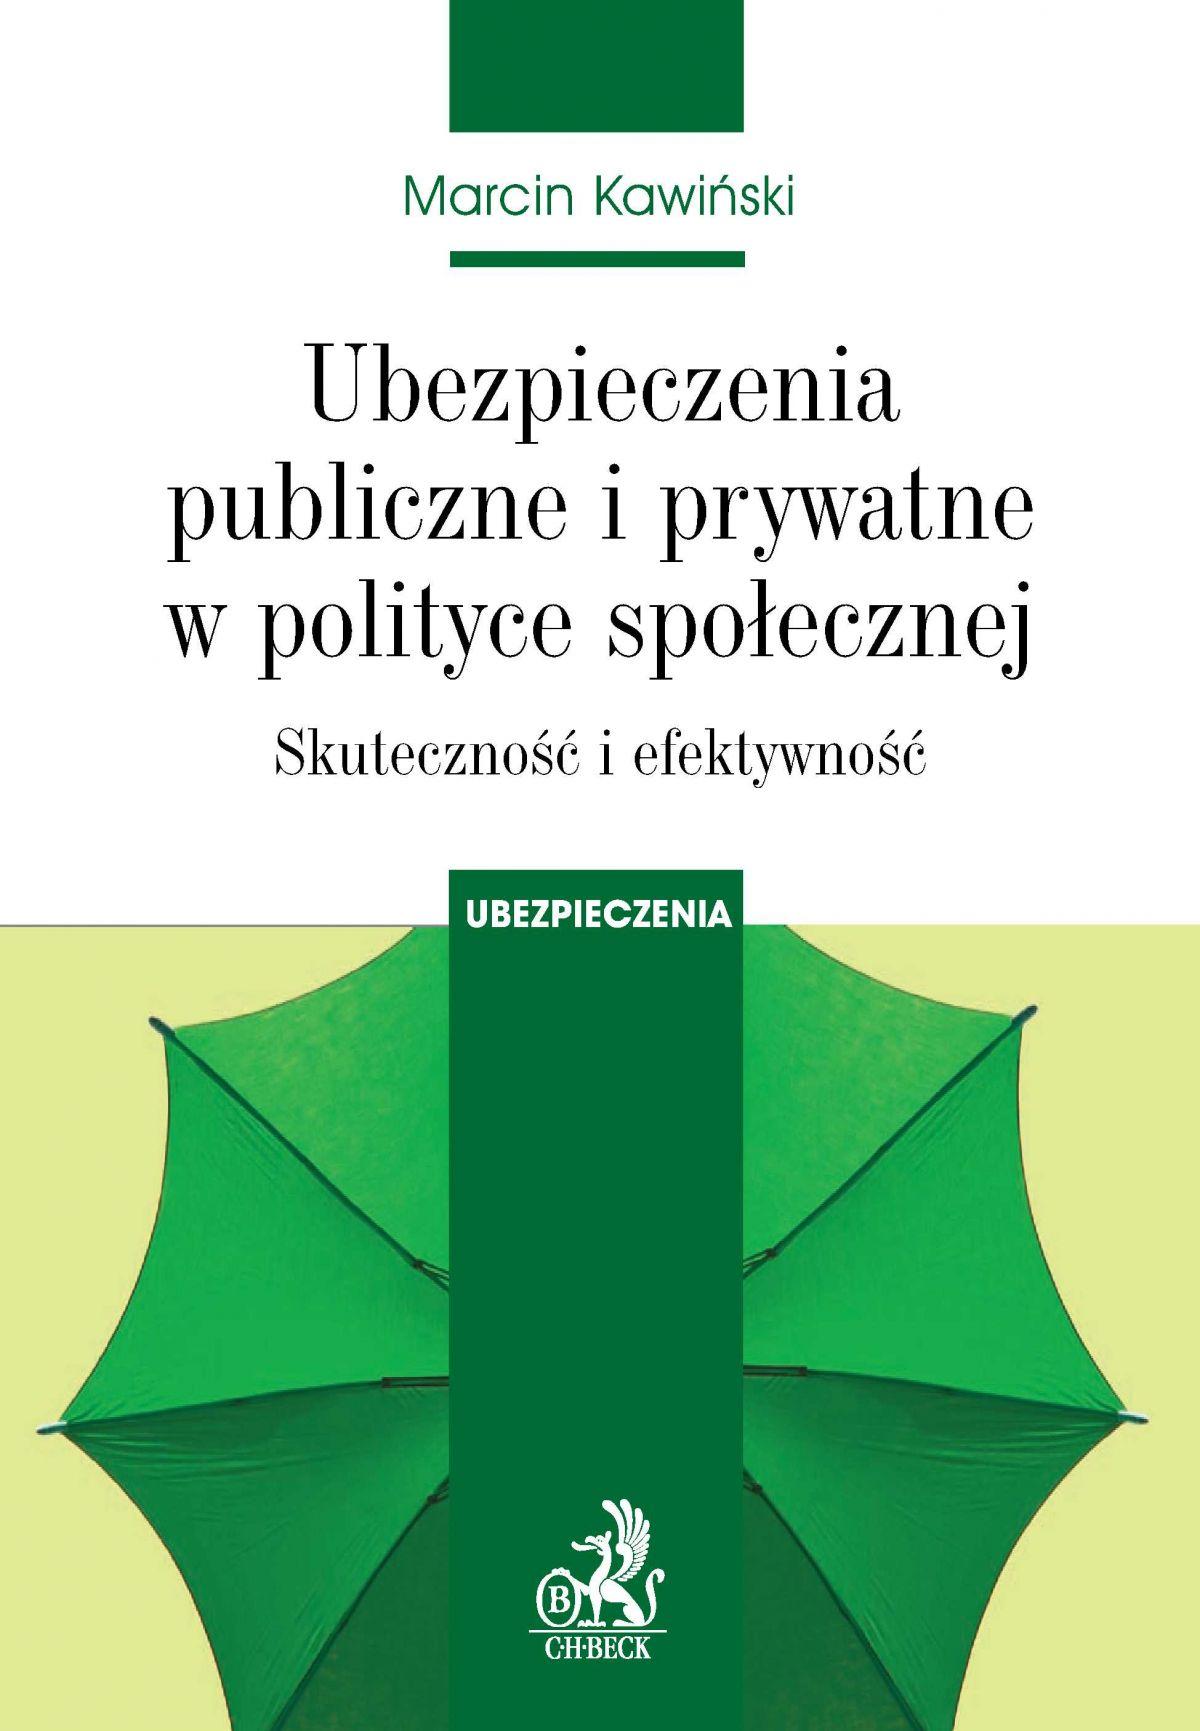 Ubezpieczenia publiczne i prywatne w polityce społecznej. Skuteczność i efektywność - Ebook (Książka PDF) do pobrania w formacie PDF